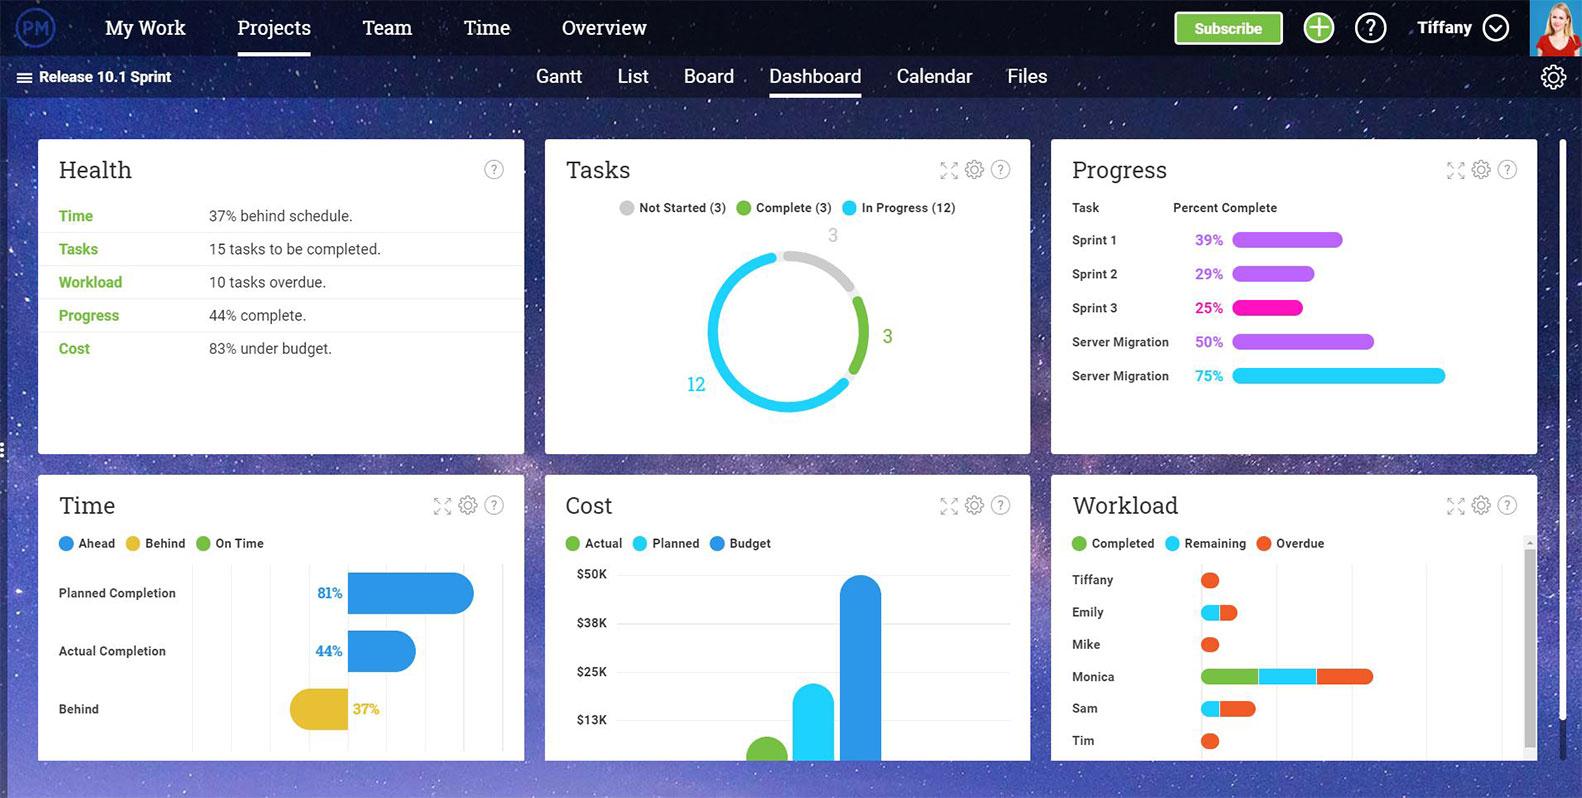 Una captura de pantalla de la vista del tablero de ProjectManager.com, que muestra múltiples métricas del proyecto, incluyendo Salud, Tareas, Progreso, Tiempo, Costo y Carga de trabajo. Los gerentes de proyecto usan paneles para calcular la variación del cronograma de un vistazo.